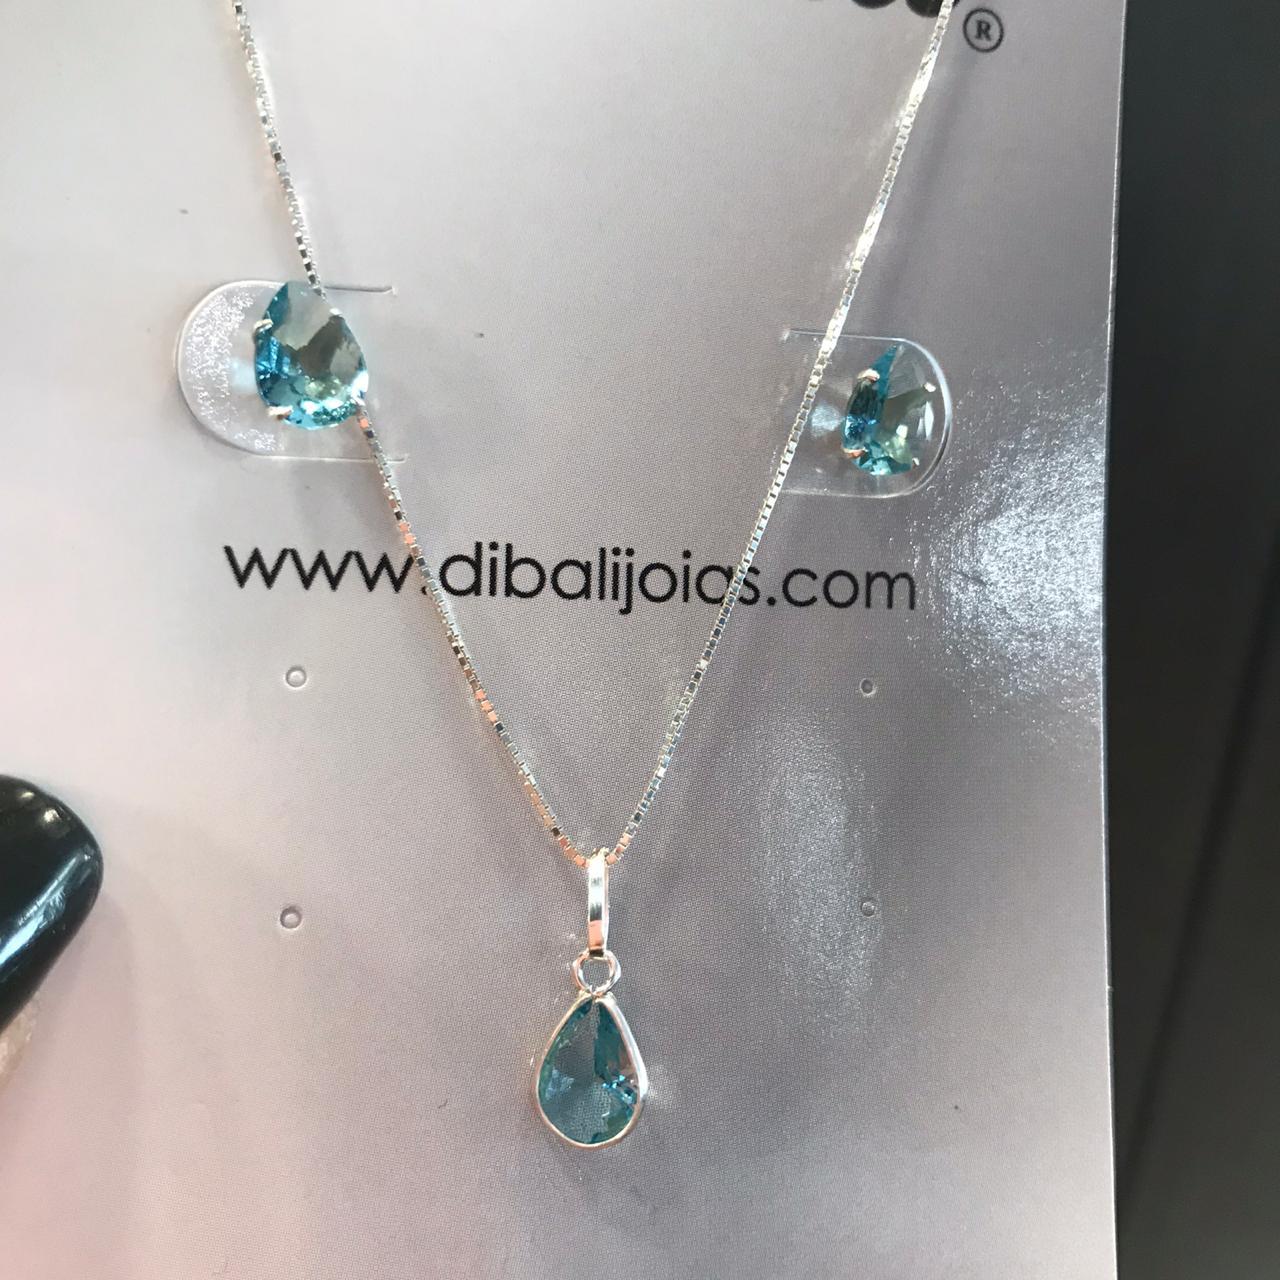 Conjunto de Prata Gota Azul Oceano